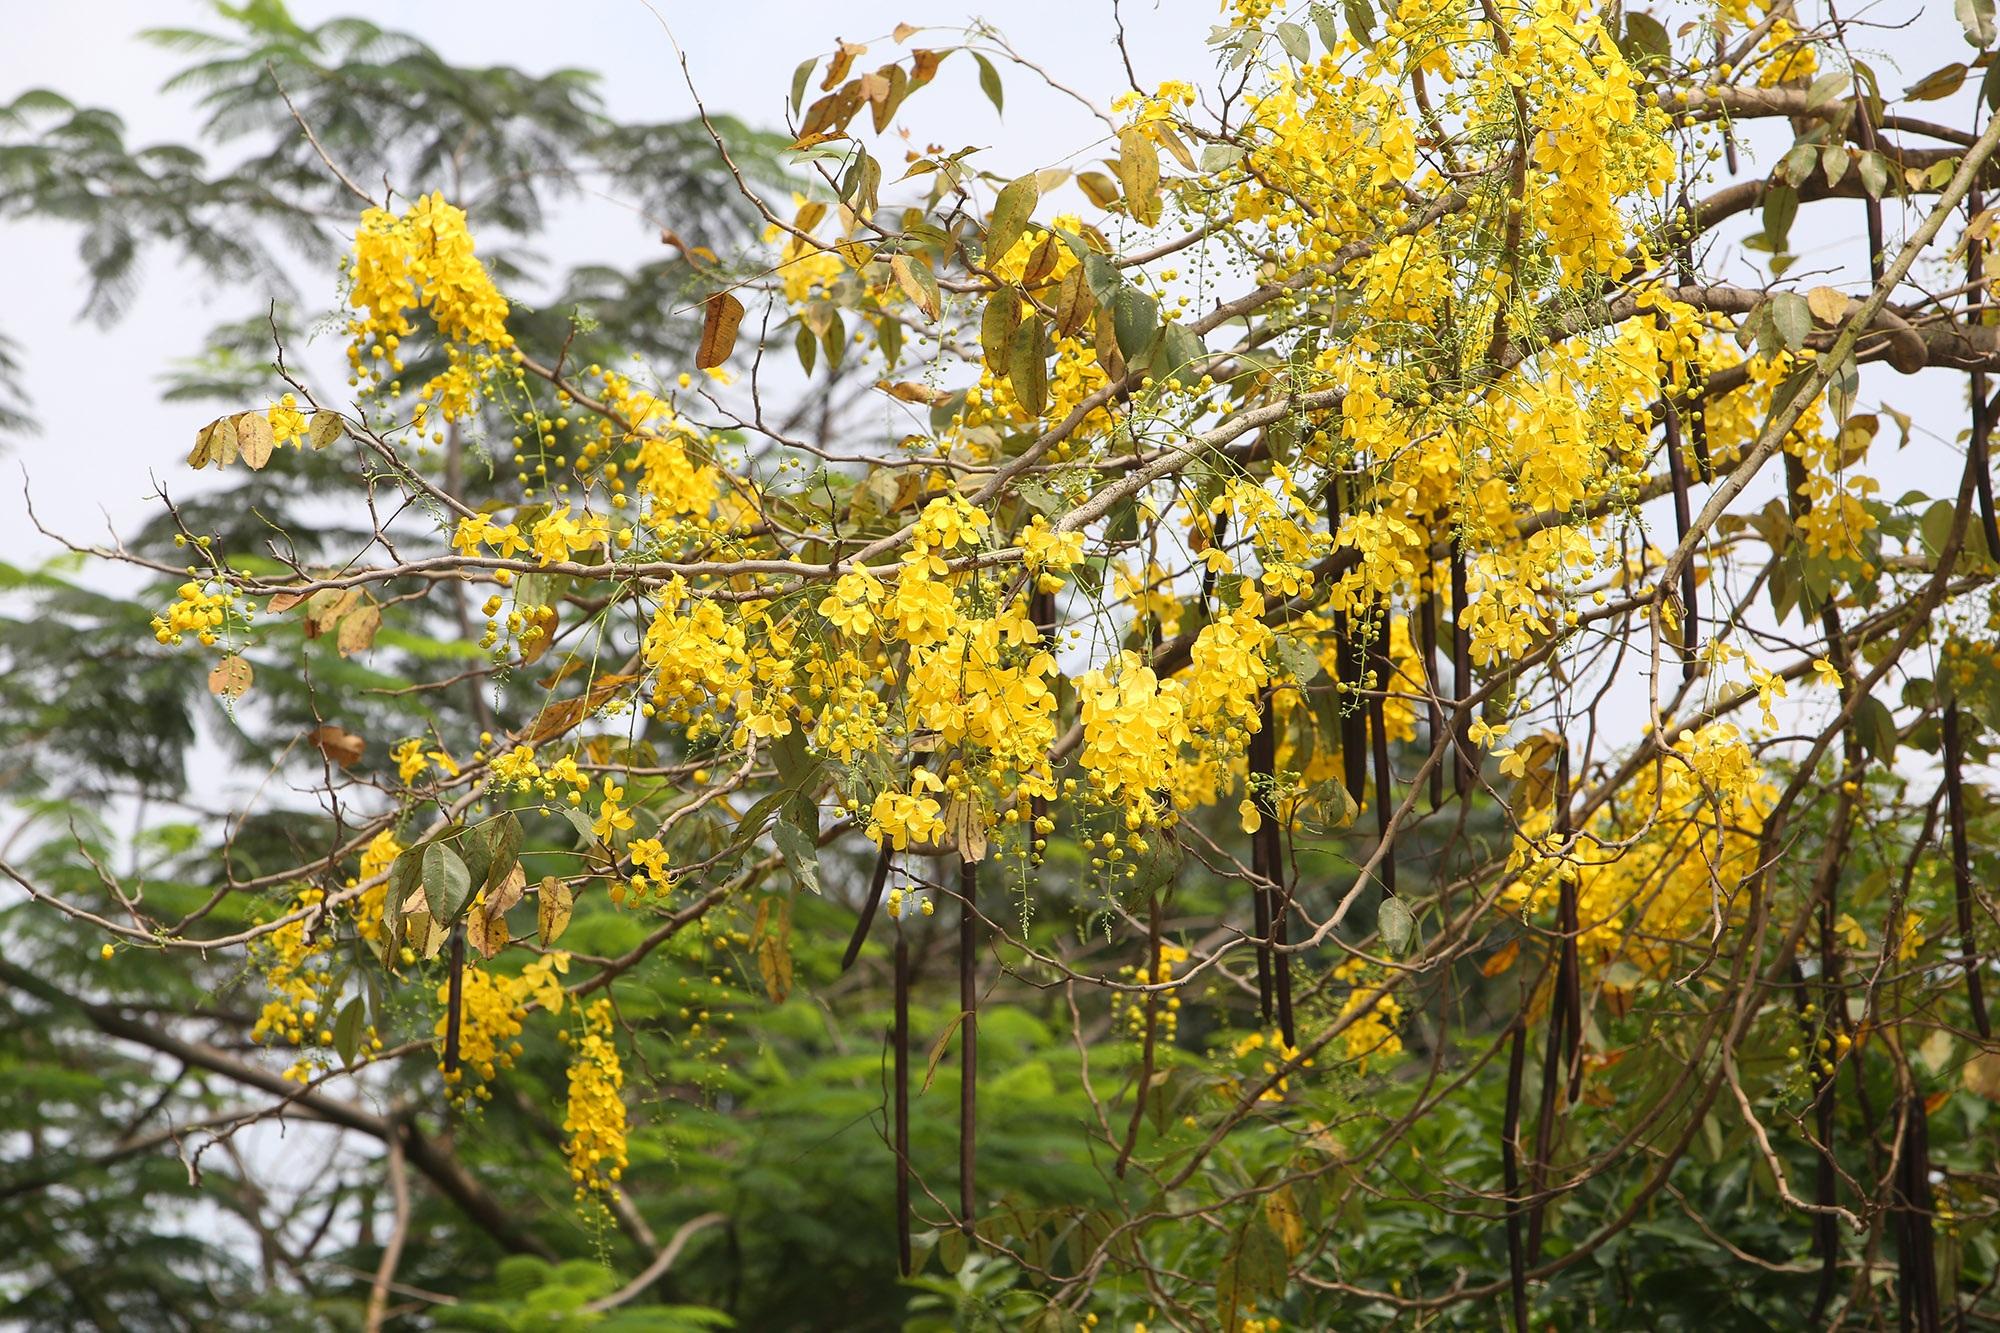 Hồ Tây thơ mộng trong sắc hoa muồng hoàng yến - 13